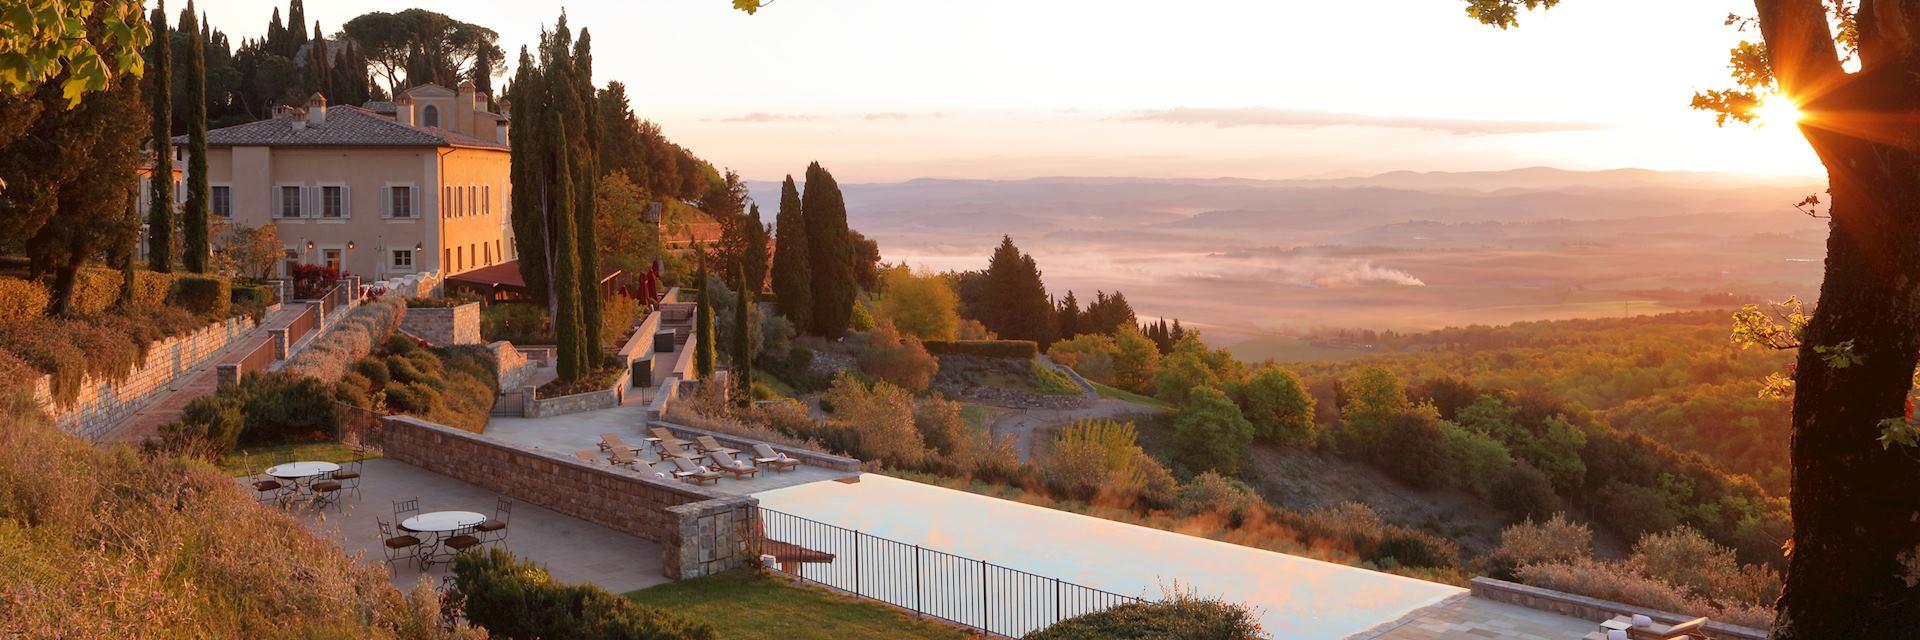 Rosewood Castiglion del Bosco, Italy